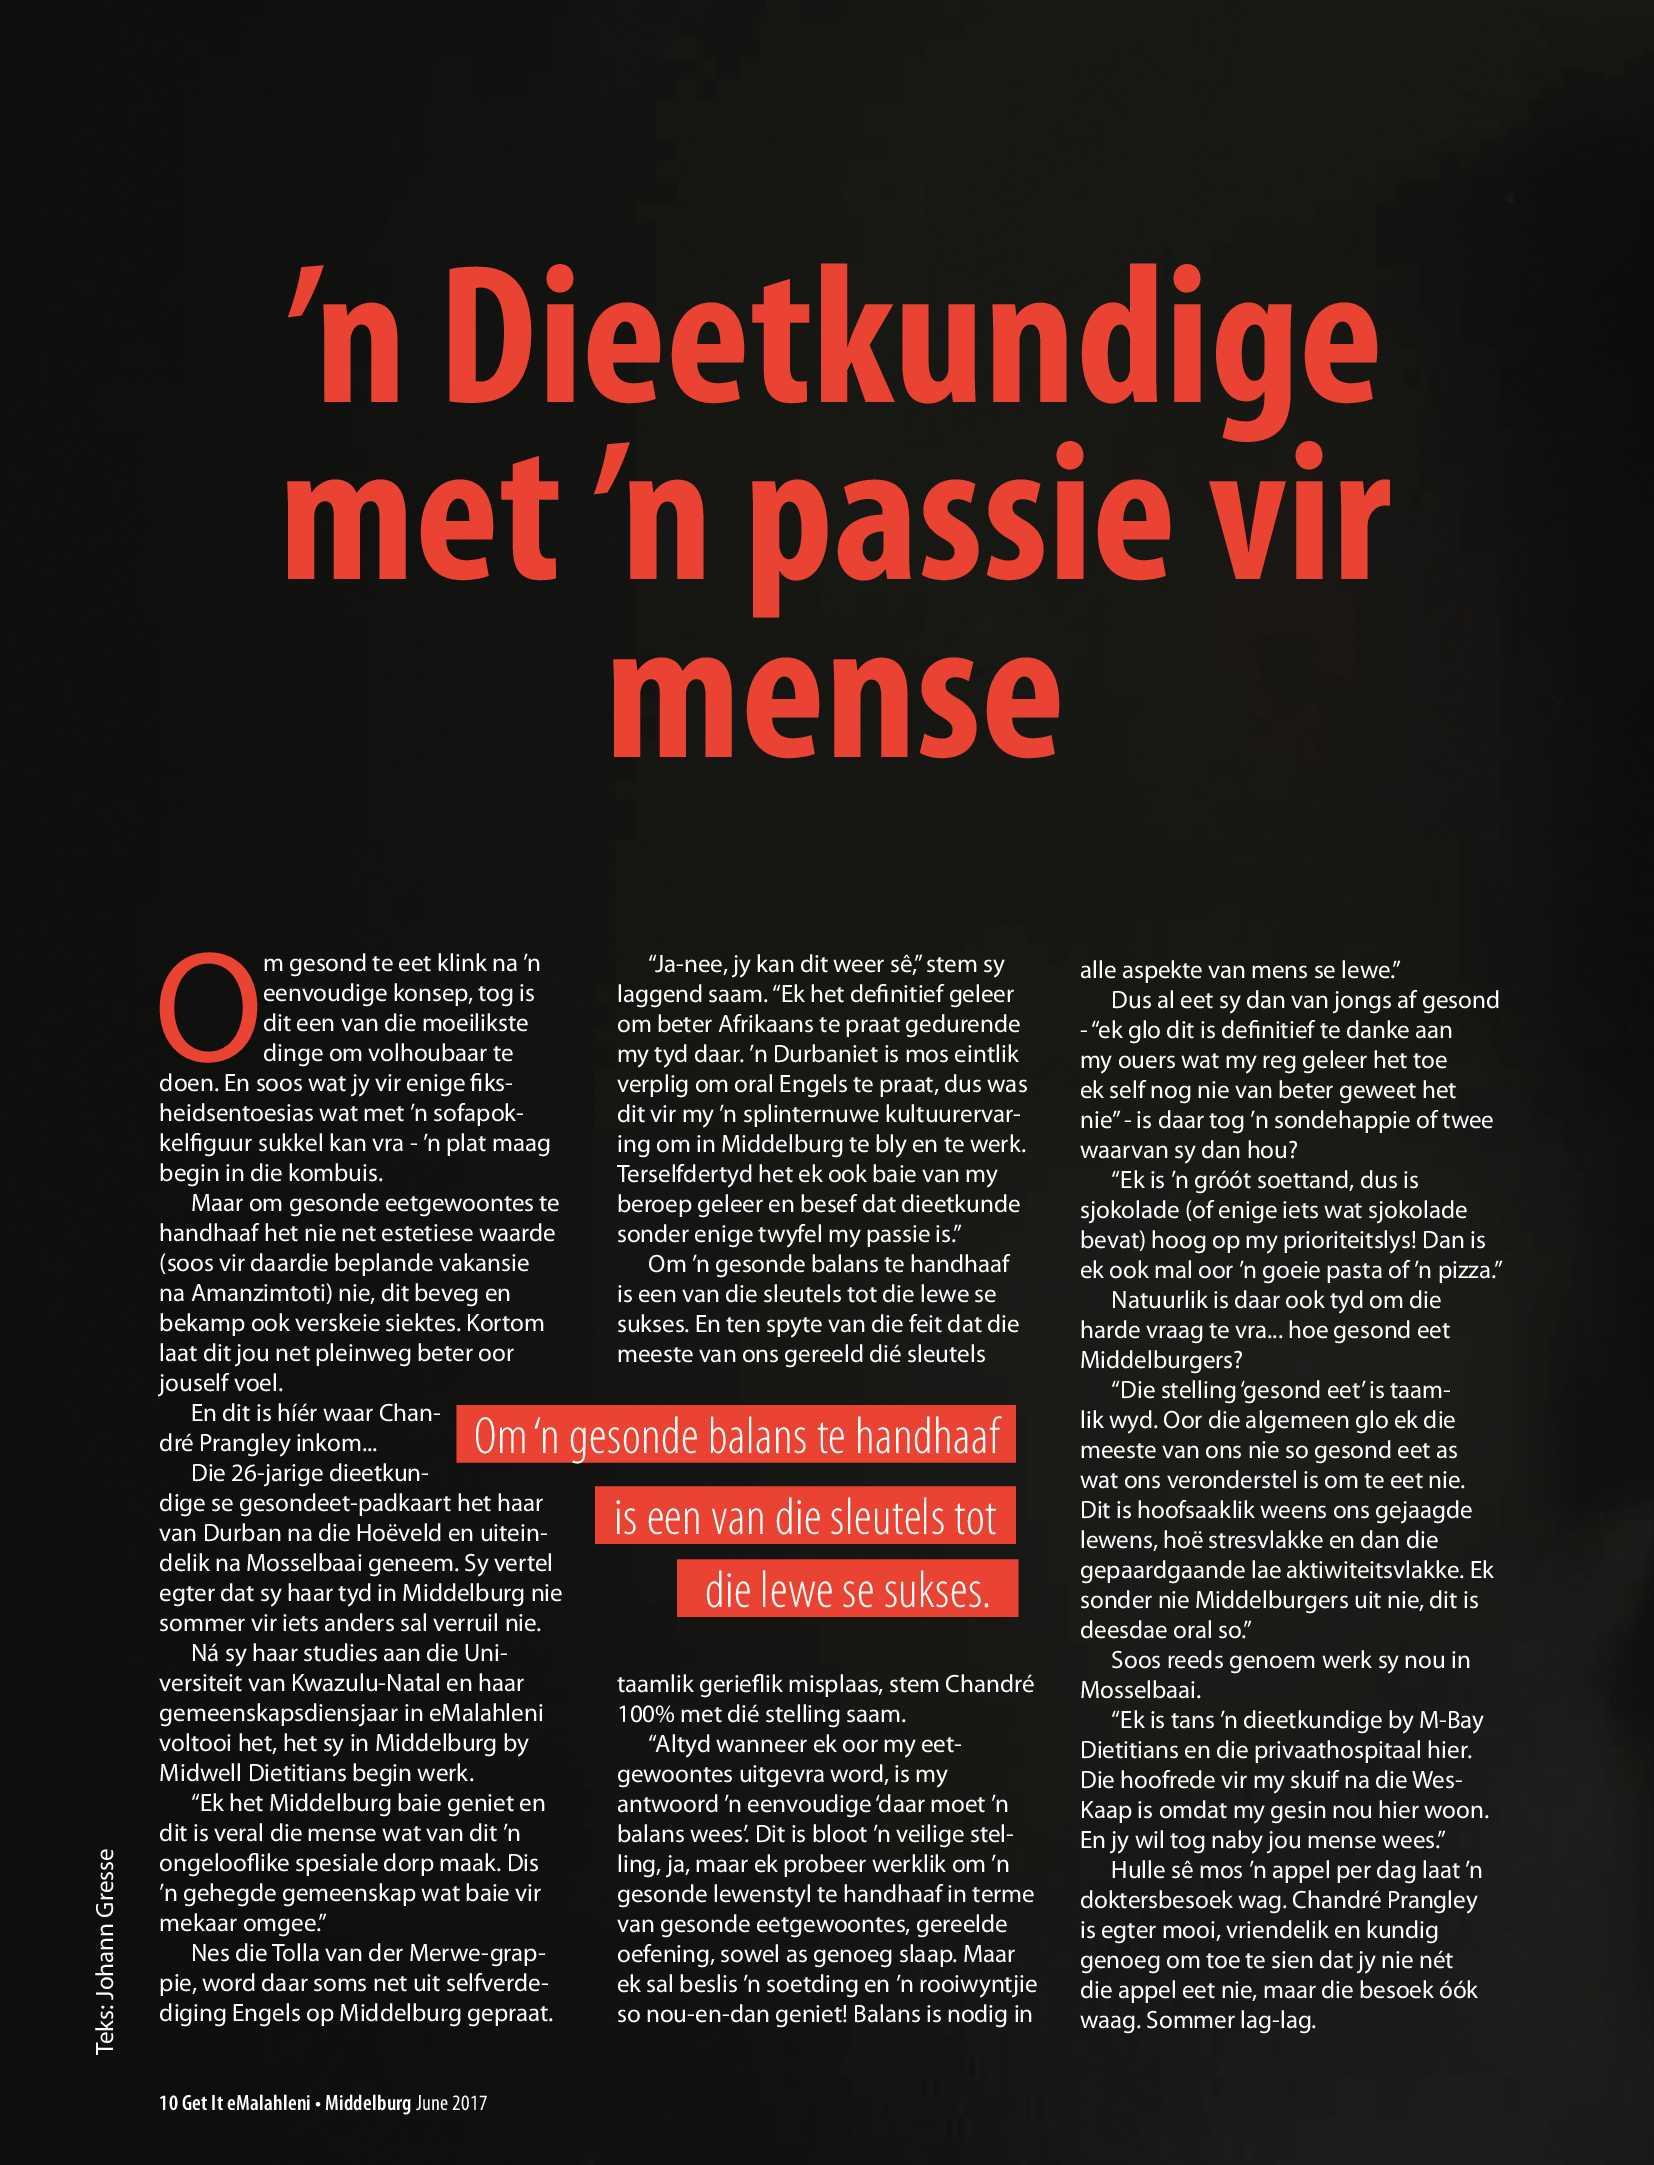 get-middelburg-june-2017-epapers-page-12